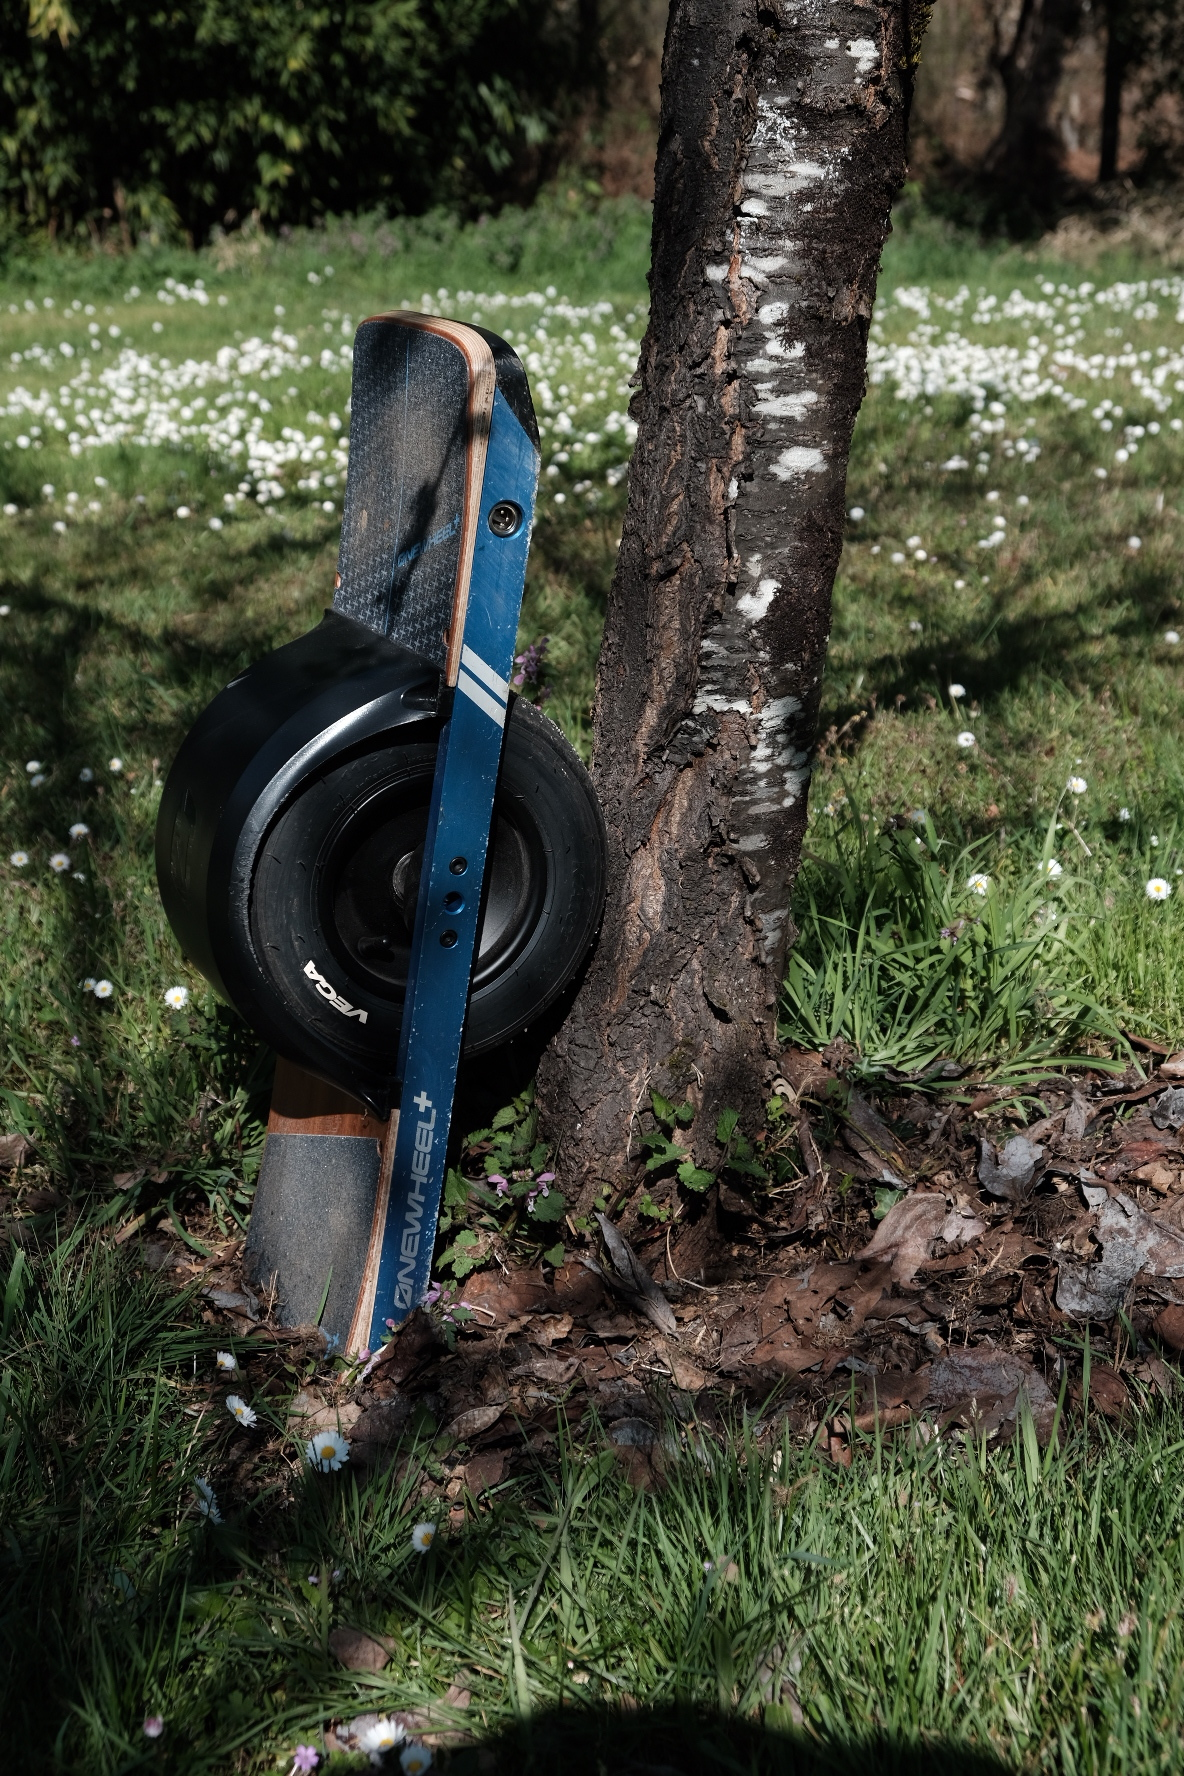 Onewheel 1